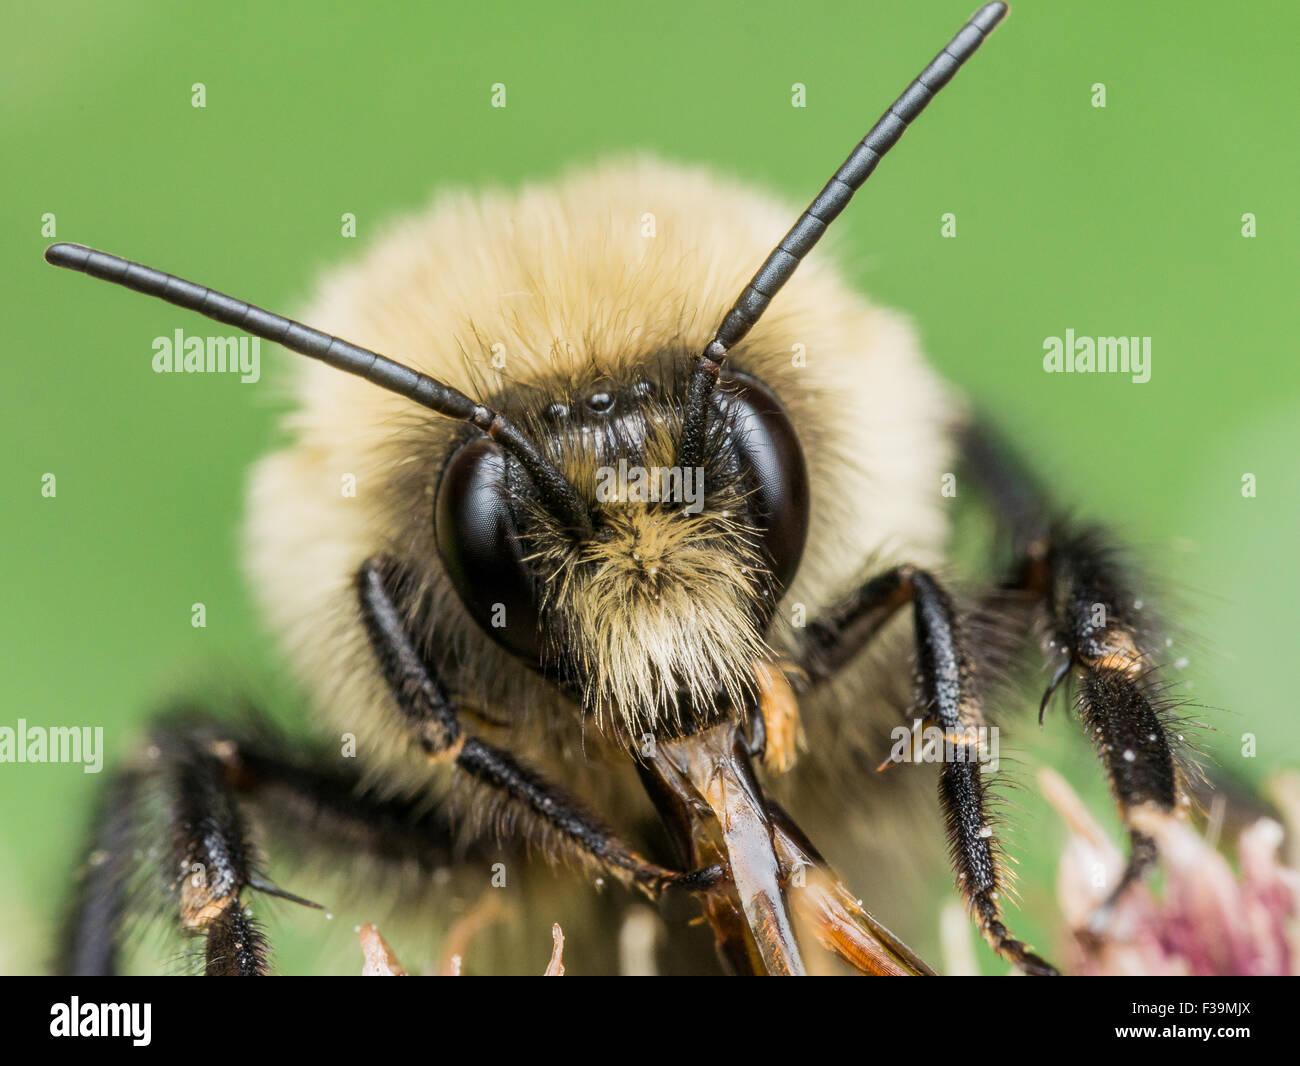 Gelbe Biene sticht rot Mundwerkzeuge.  Blume mit grünem Hintergrund. Stockbild